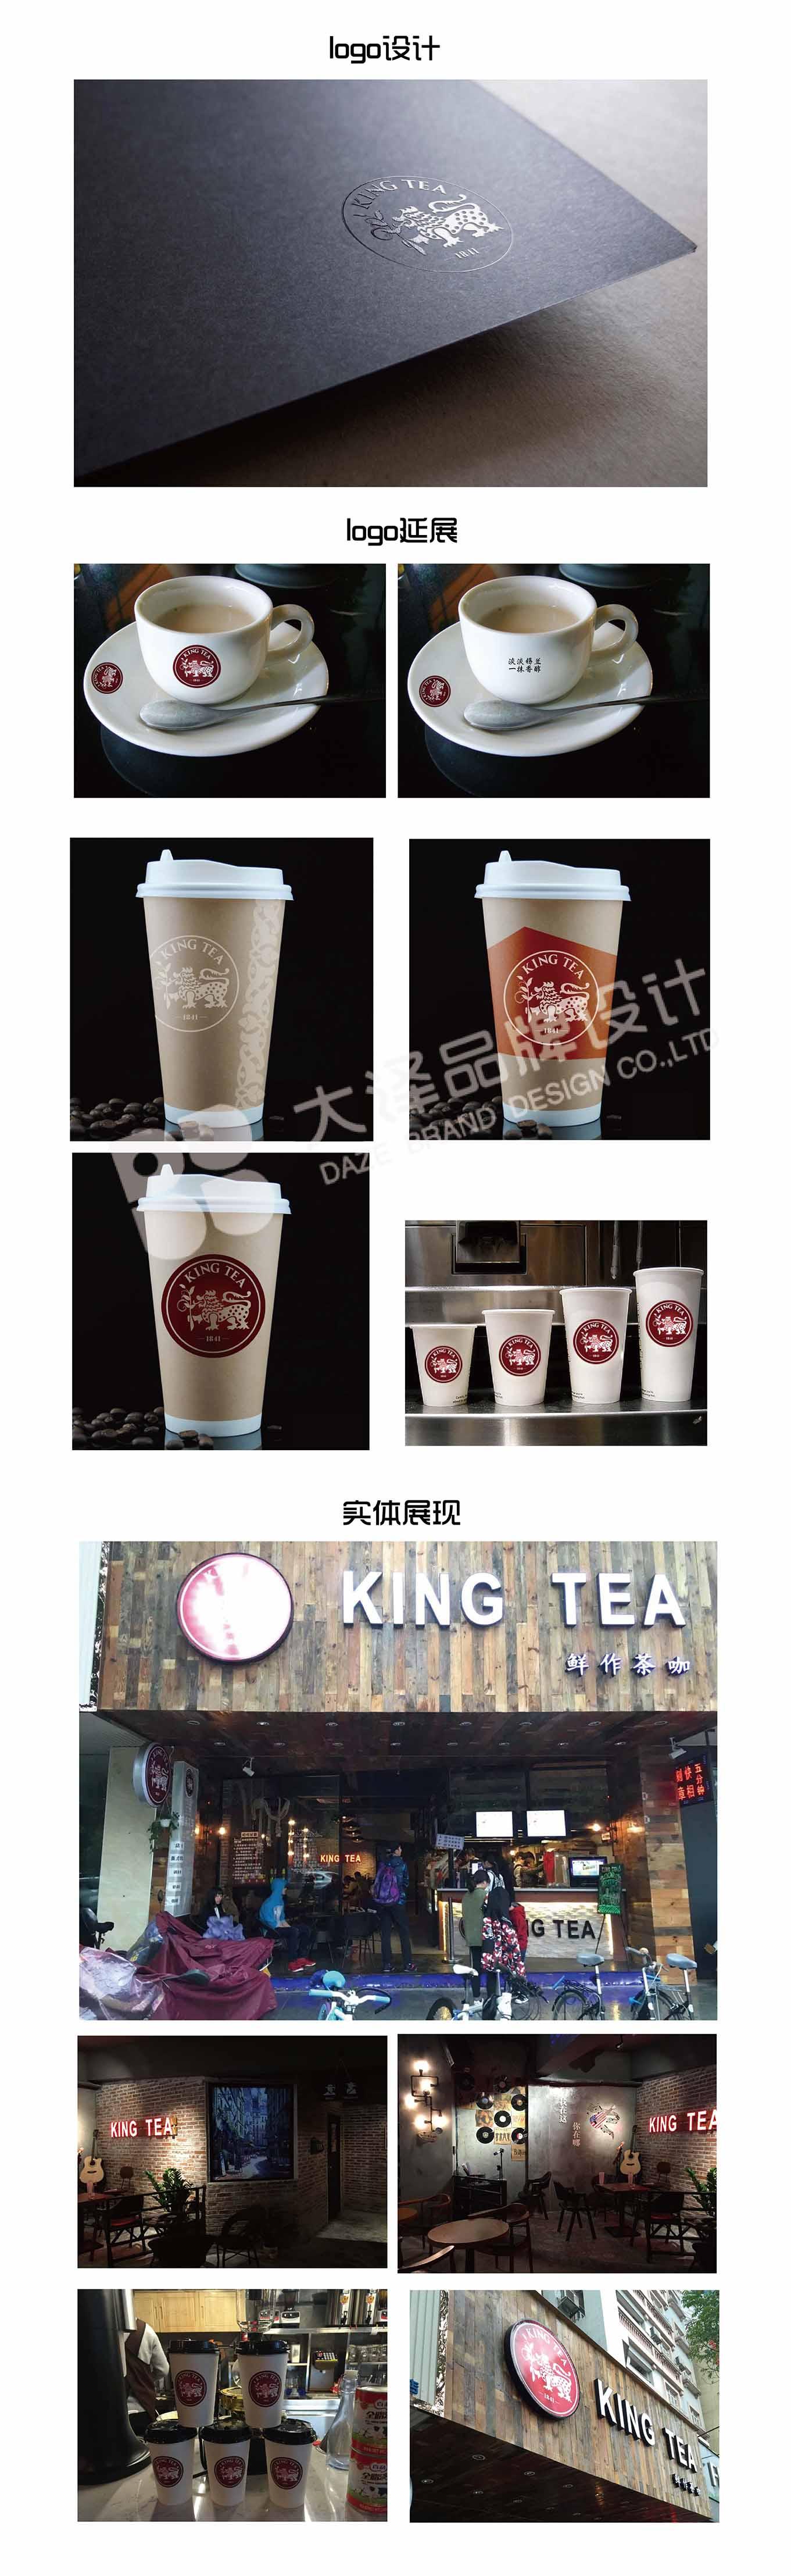 奶茶店系统设计